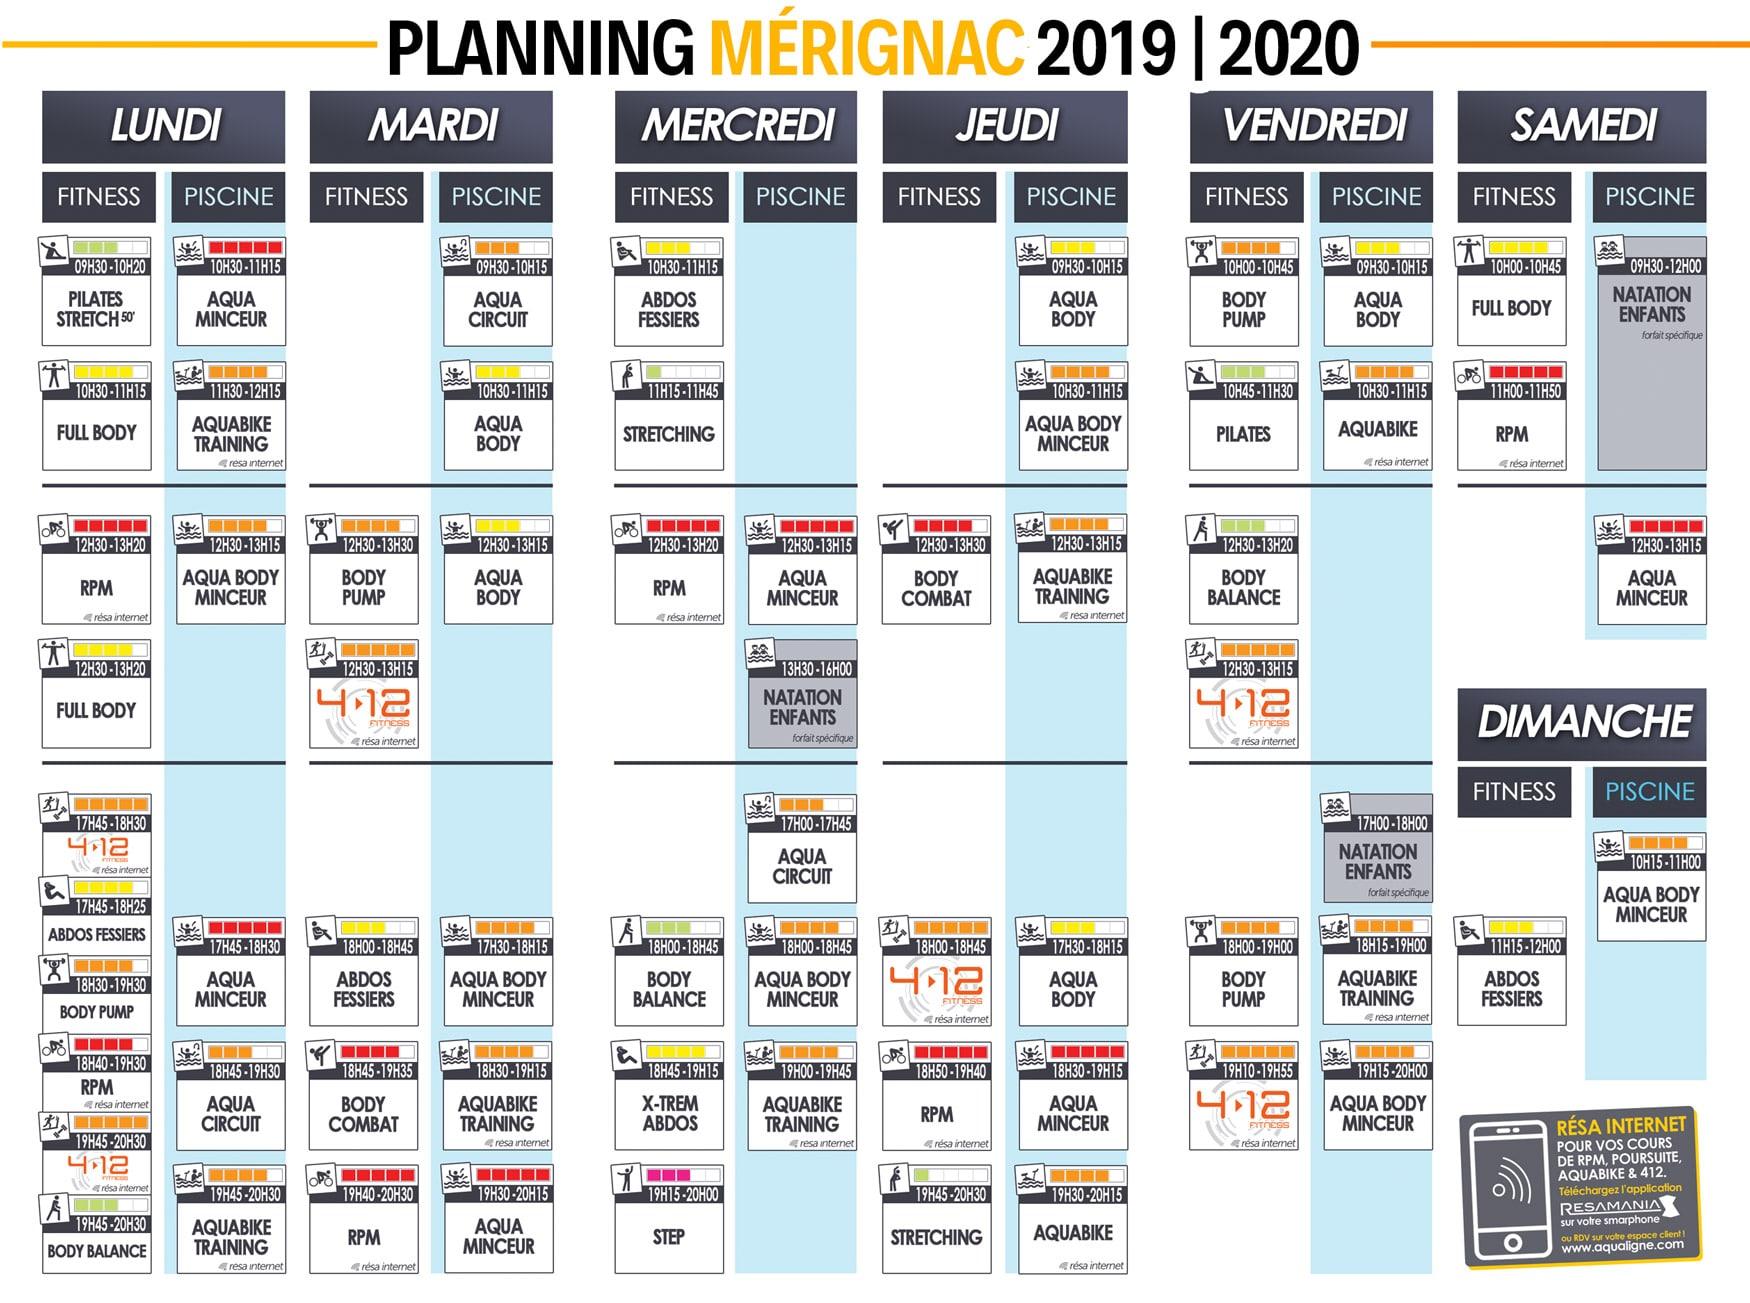 MERIGNAC-Planning-19-20